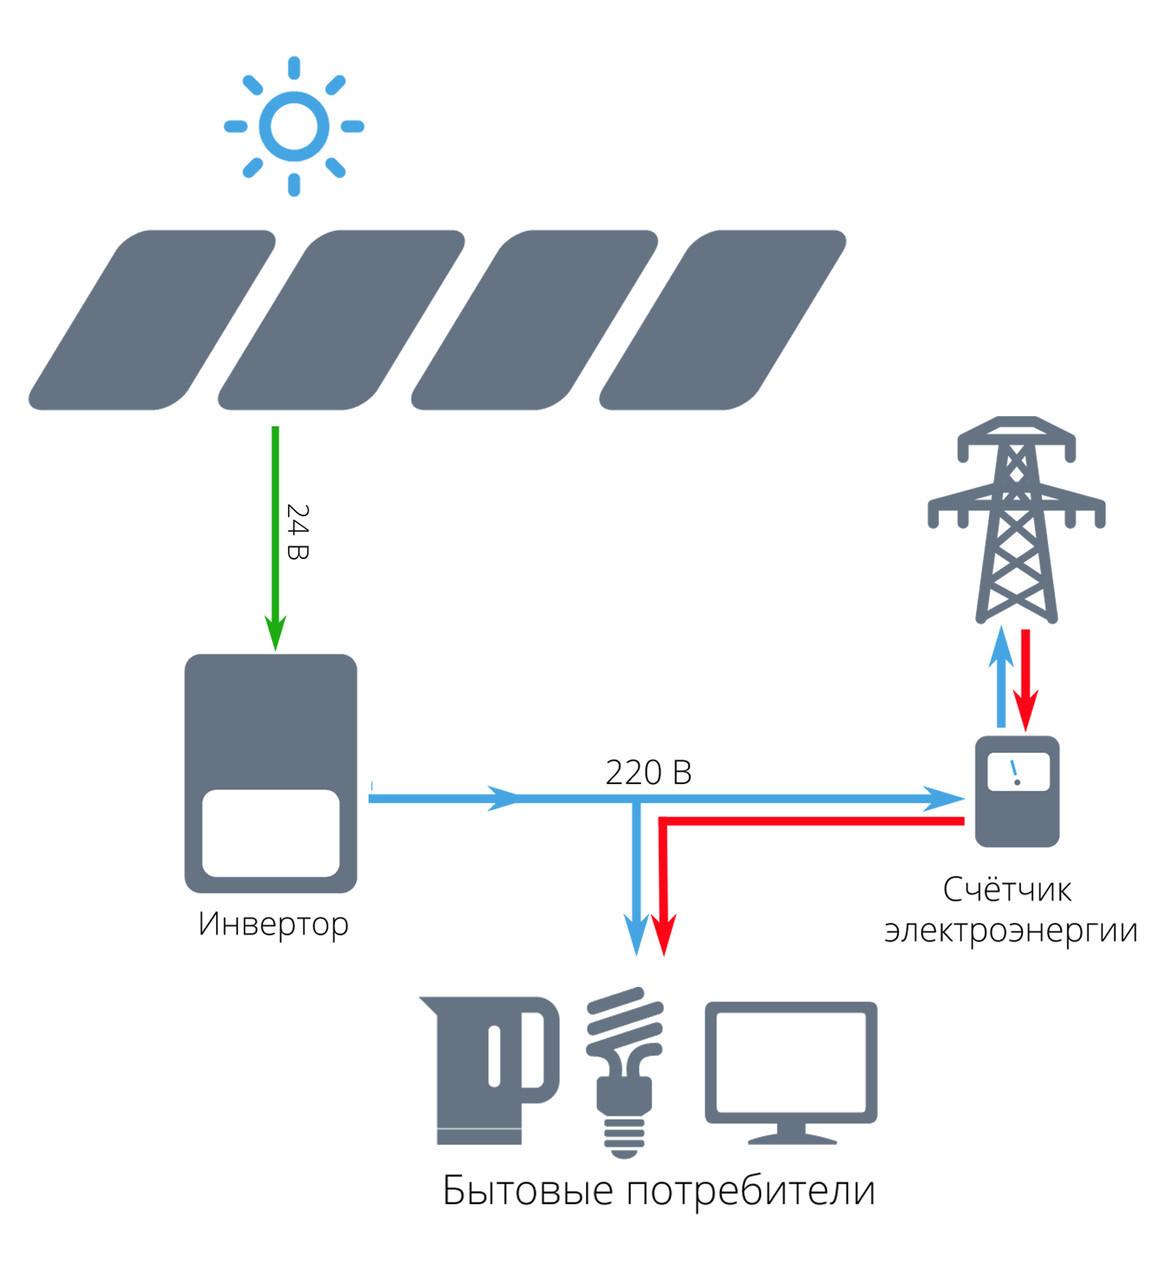 """Сетевая солнечная электростанция для дома 50 кВт под """"зеленый тариф"""" - STANDARD"""